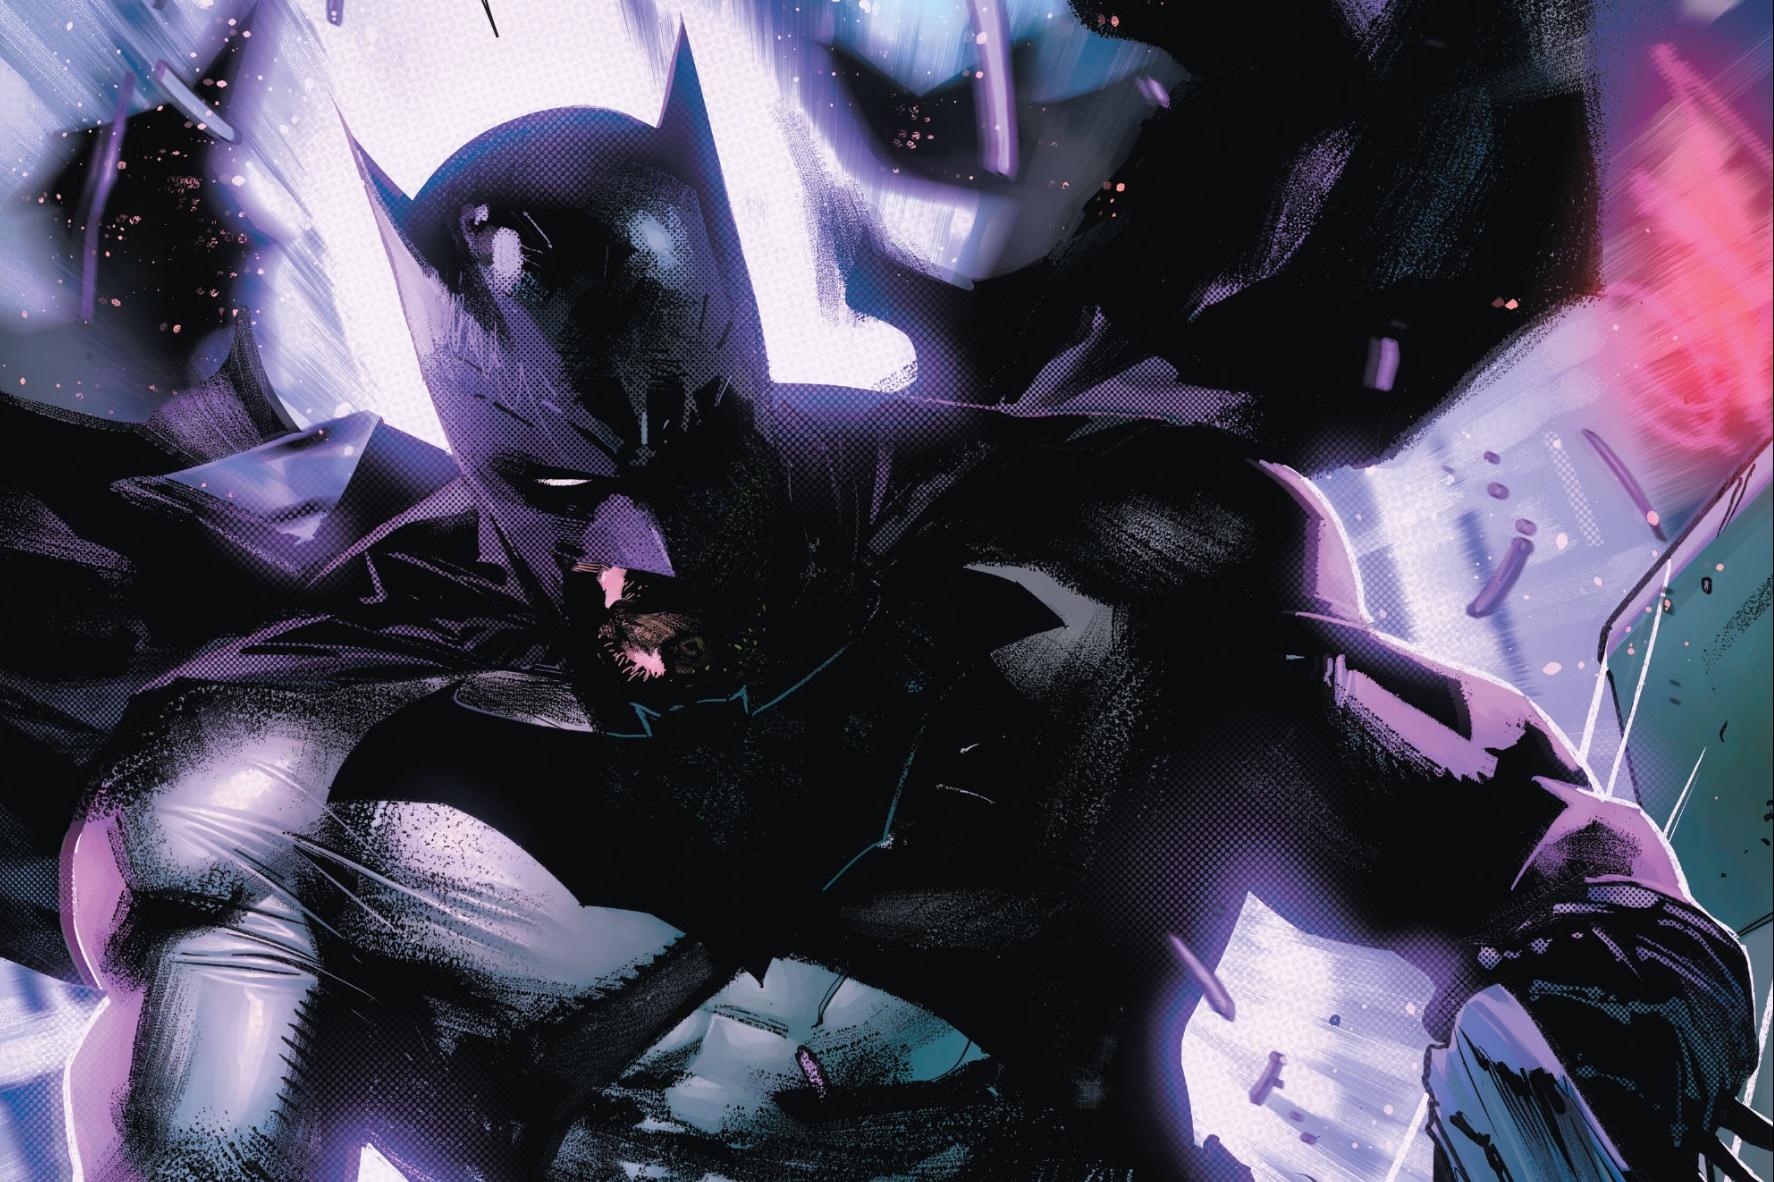 Batman, cape billowing, in Batman #106, DC Comics (2021).